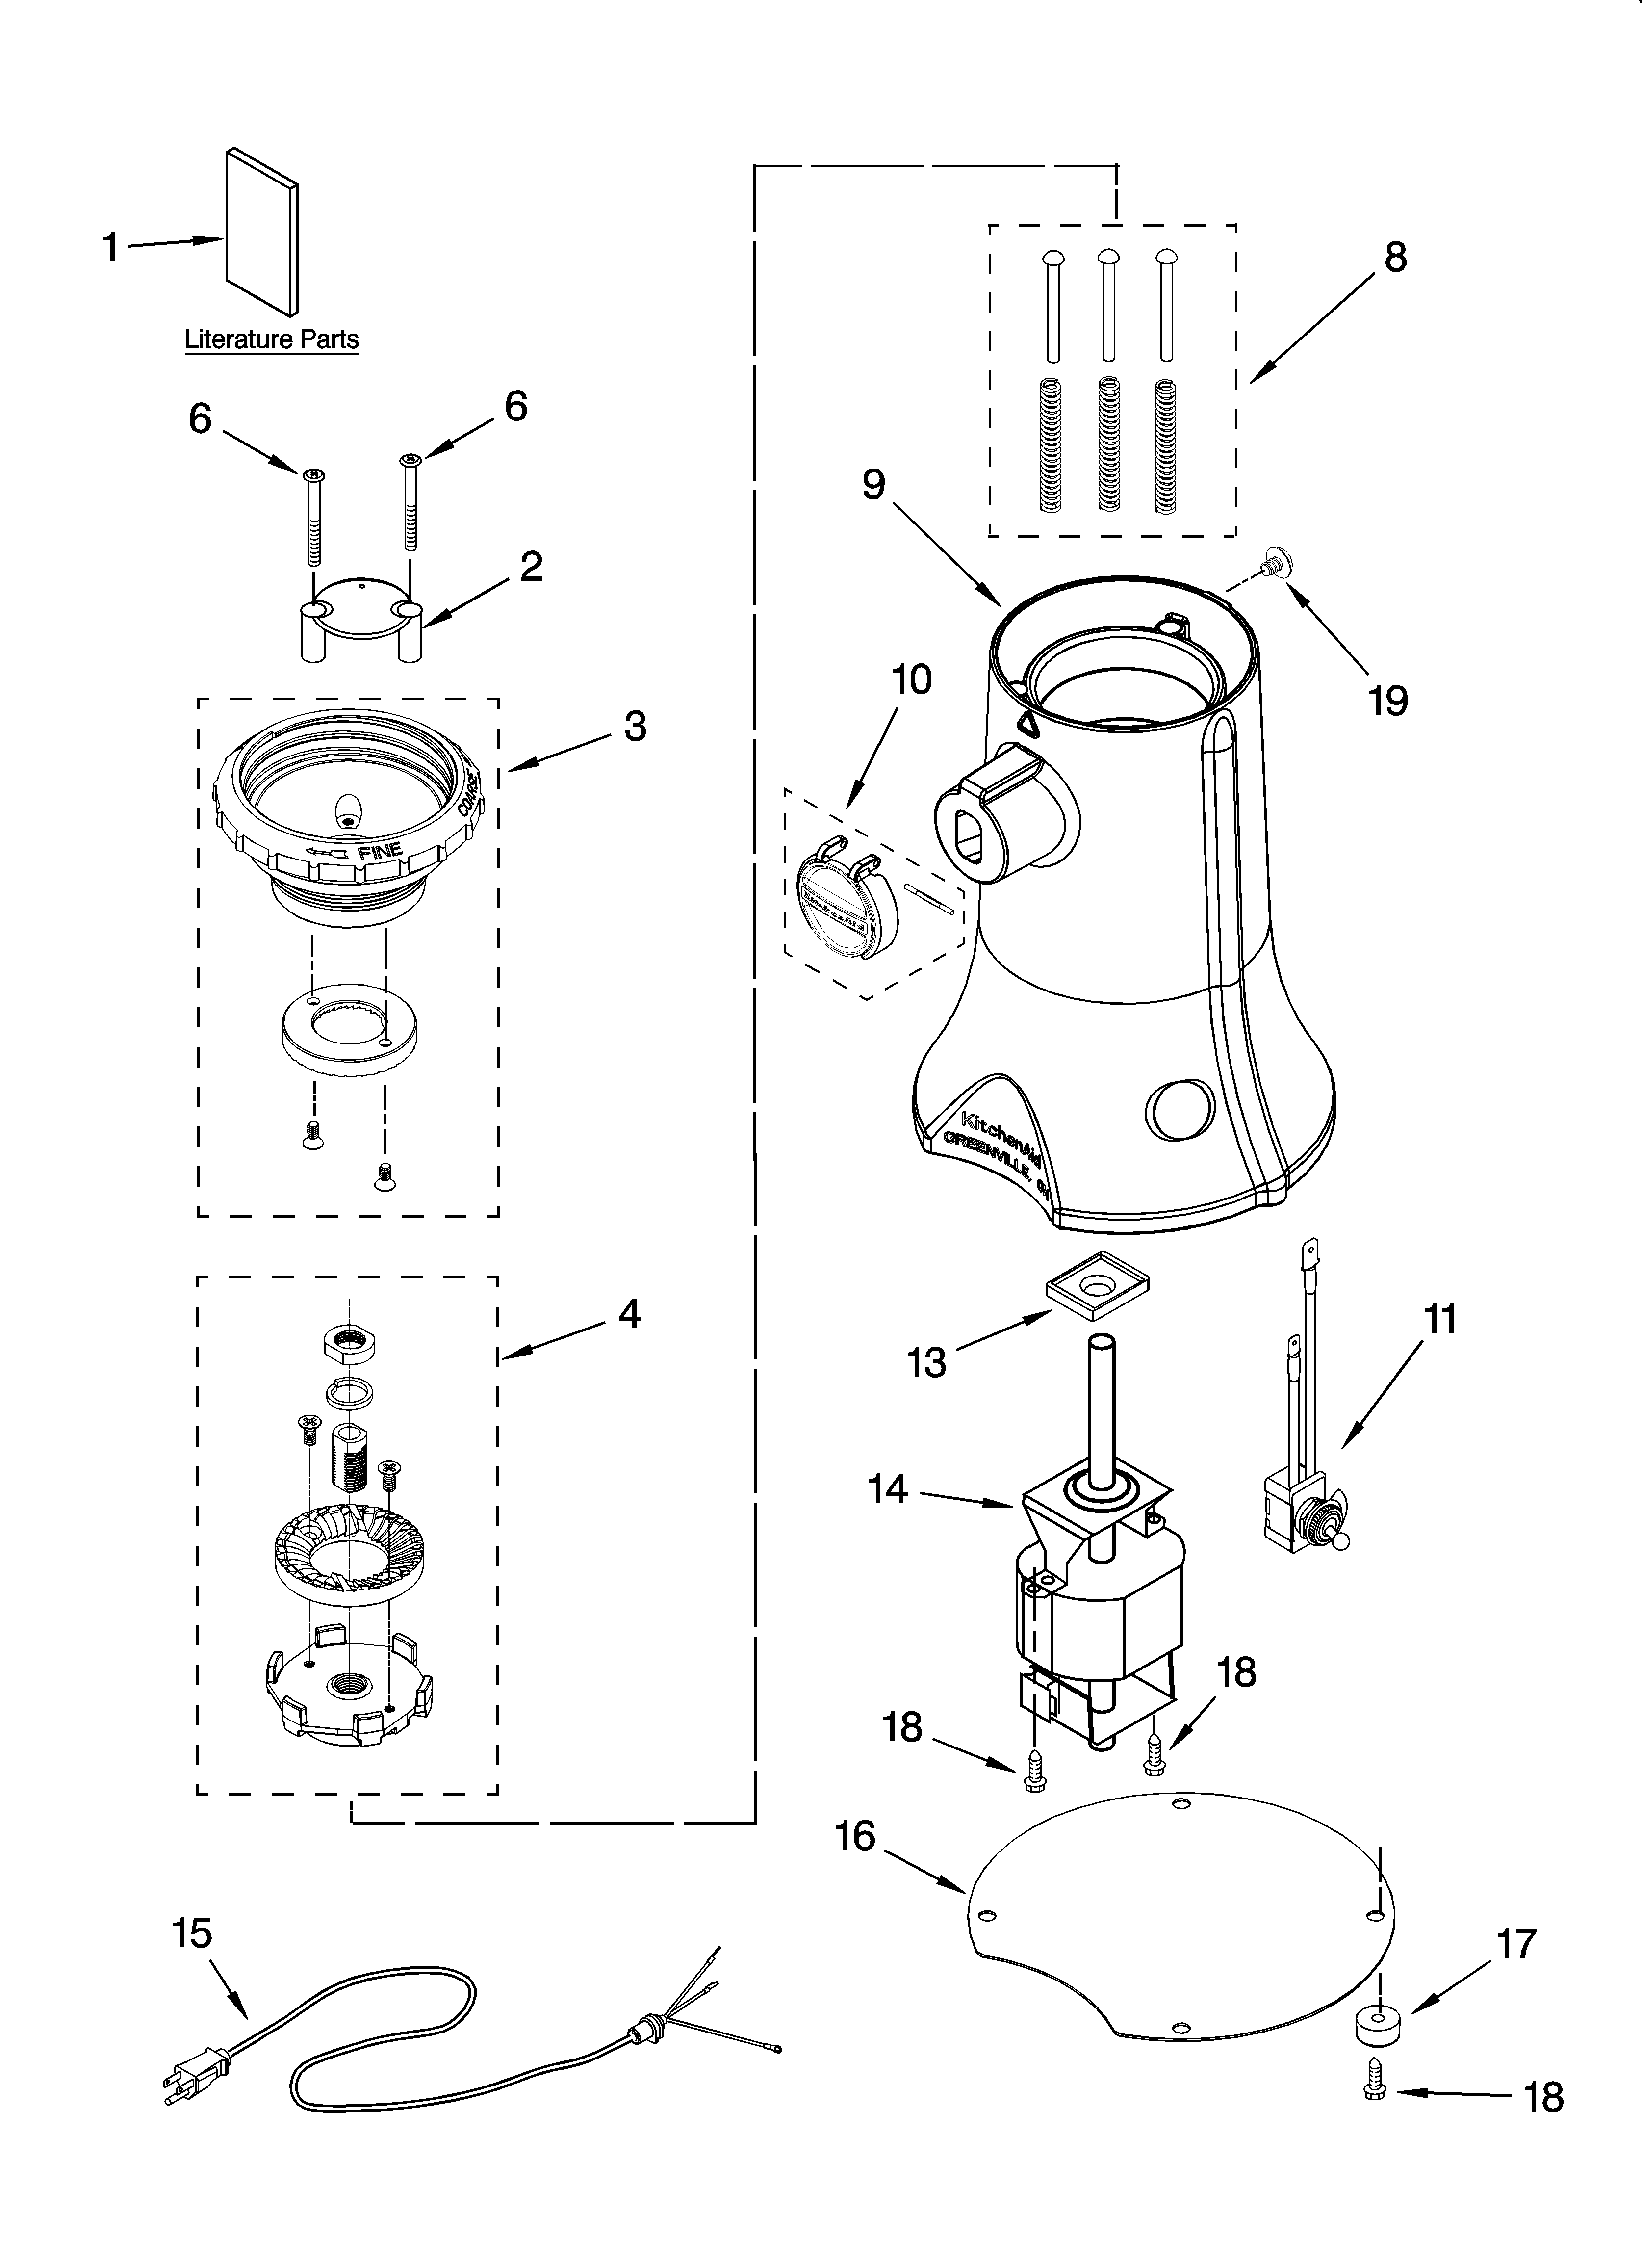 grinder diagram